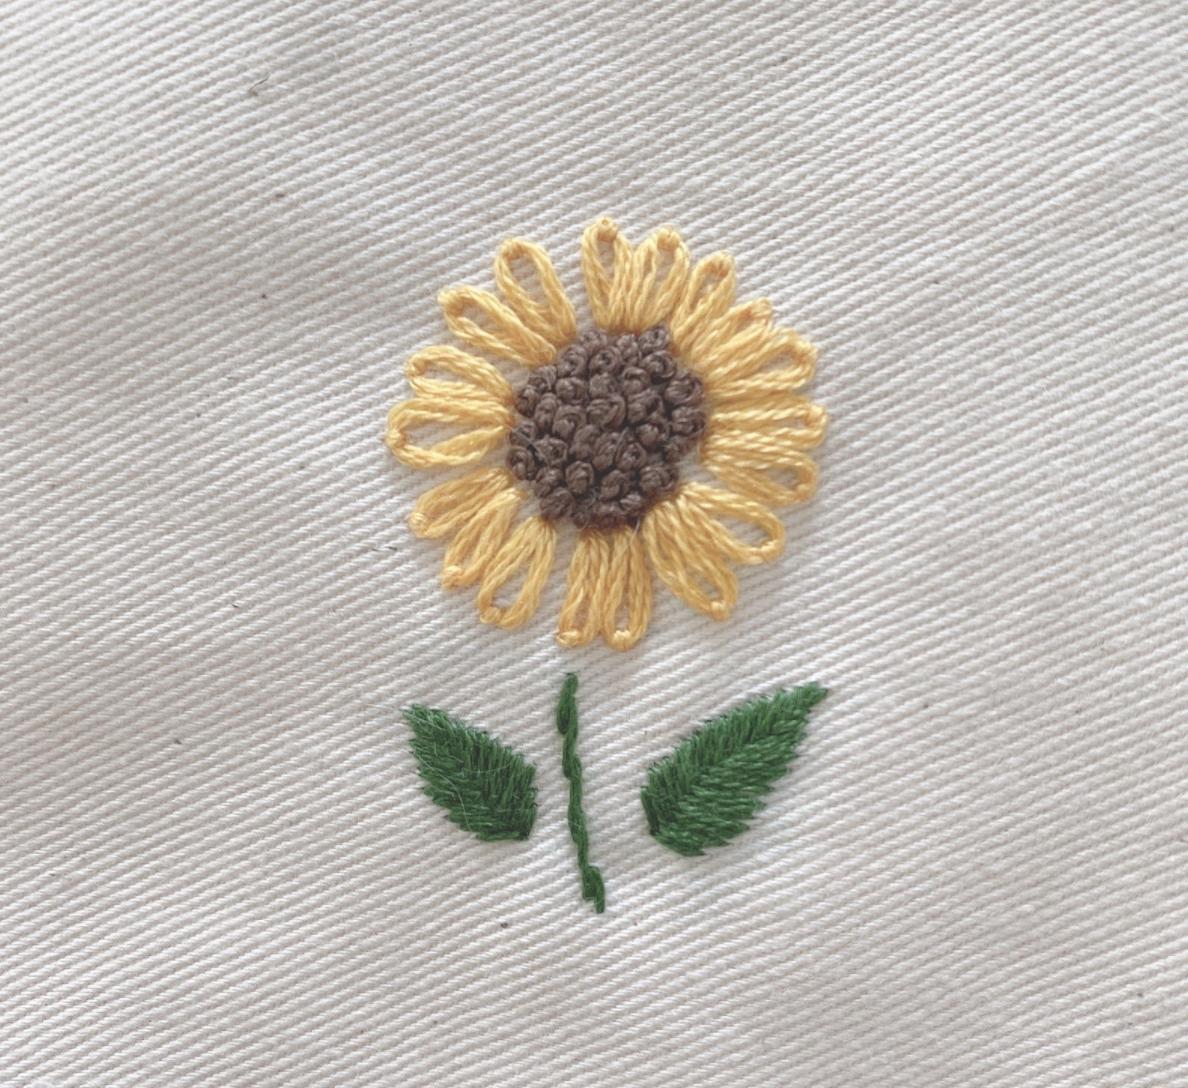 刺繍初心者でも簡単!ワンポイントひまわり刺繍のやり方とポイント&コツ刺繍初心者でも簡単!ワンポイントひまわり刺繍のやり方とポイント&コツ